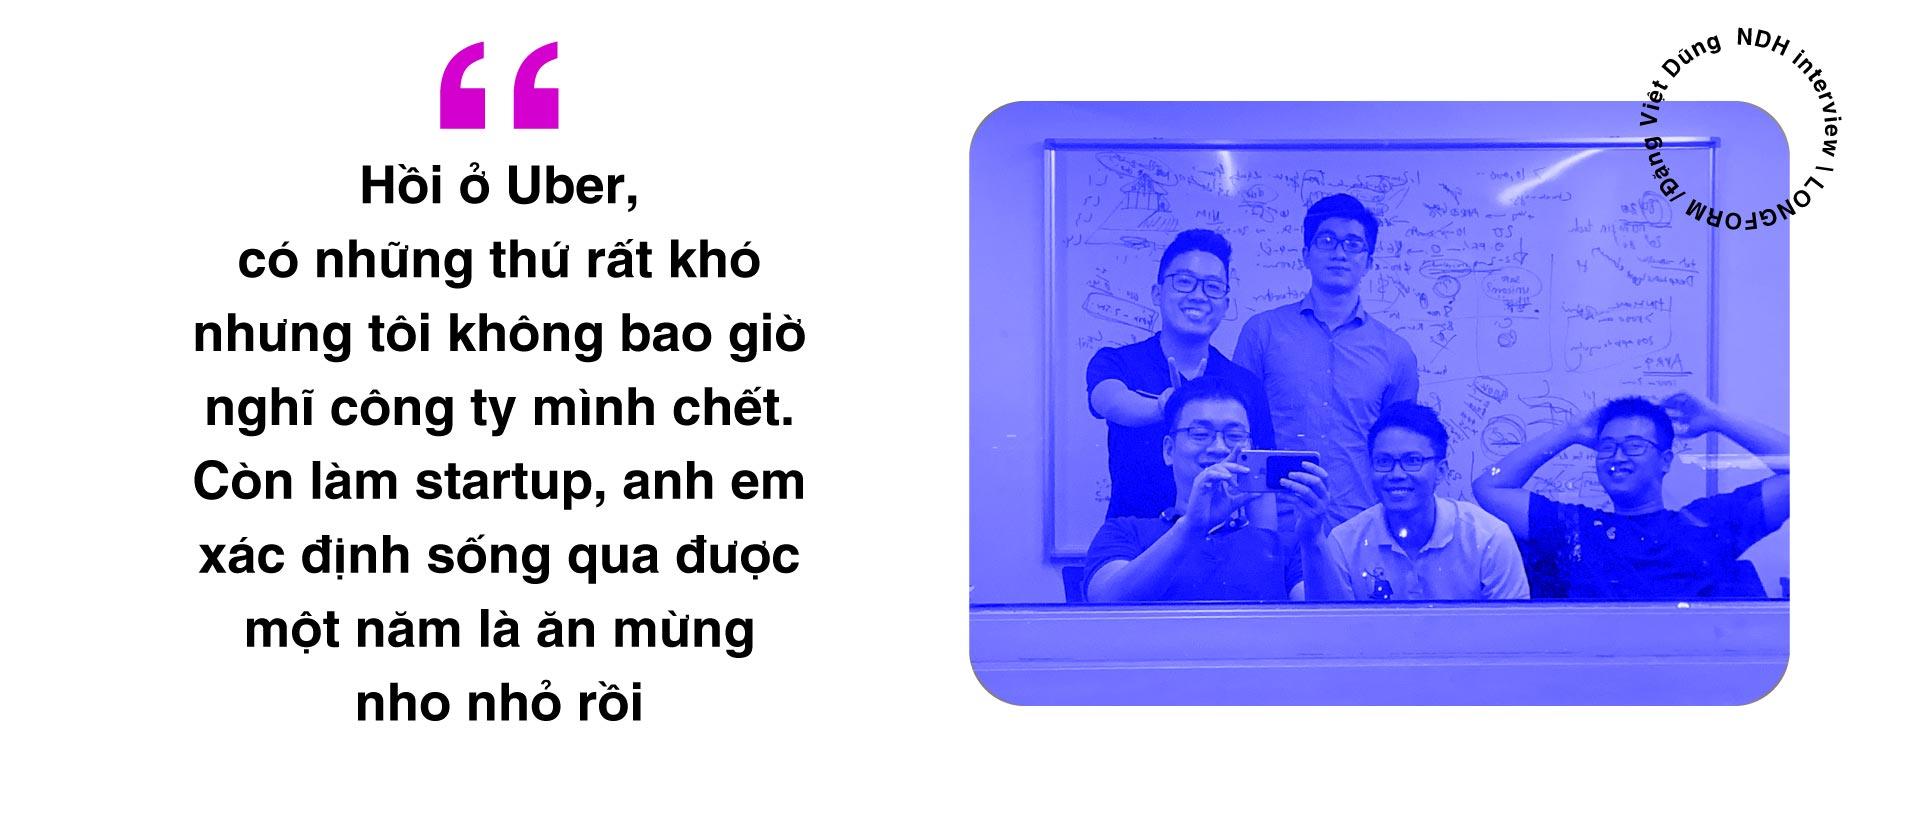 Cú 'bẻ lái' của cựu CEO Uber Việt Nam - Ảnh 2.